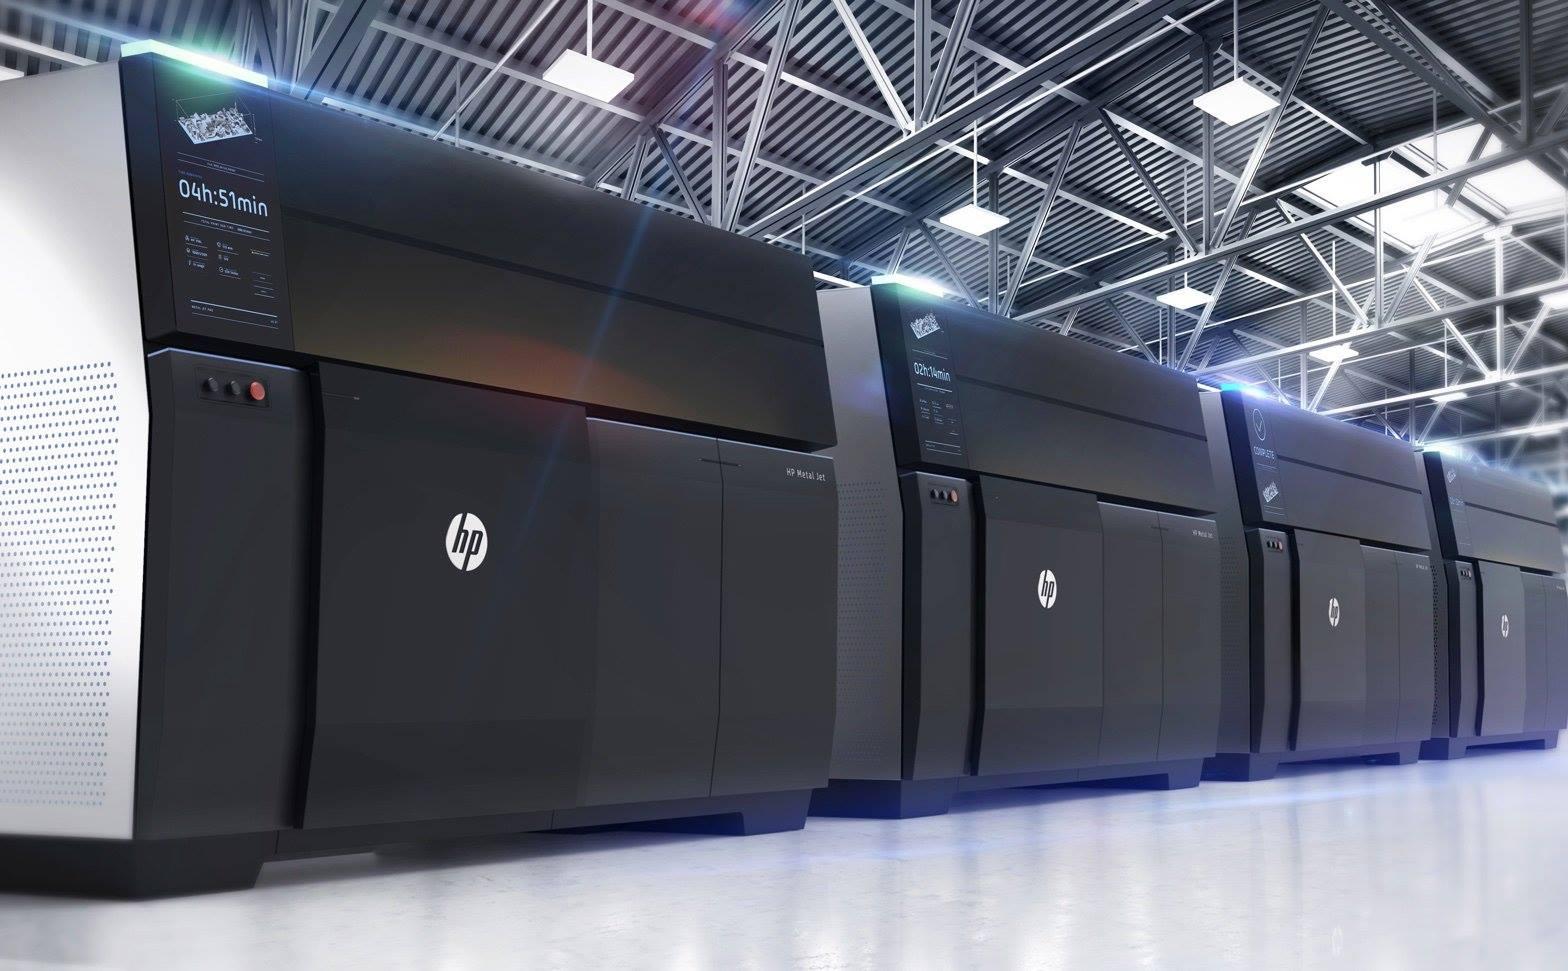 #HP |Hãng máy in HP - và người đại diện phát ngôn của họ vừa chia sẻ họ sẽ bán máy in 3D kim loại ra thị trường trong vài năm tới. Máy in 3D kim loại của HP hoạt động hiệu quả hơn những máy in 3D thông thường hiện nay. Và giá của nó dự kiến ở mức dưới $400.000 ~ 9 tỷ đồng.